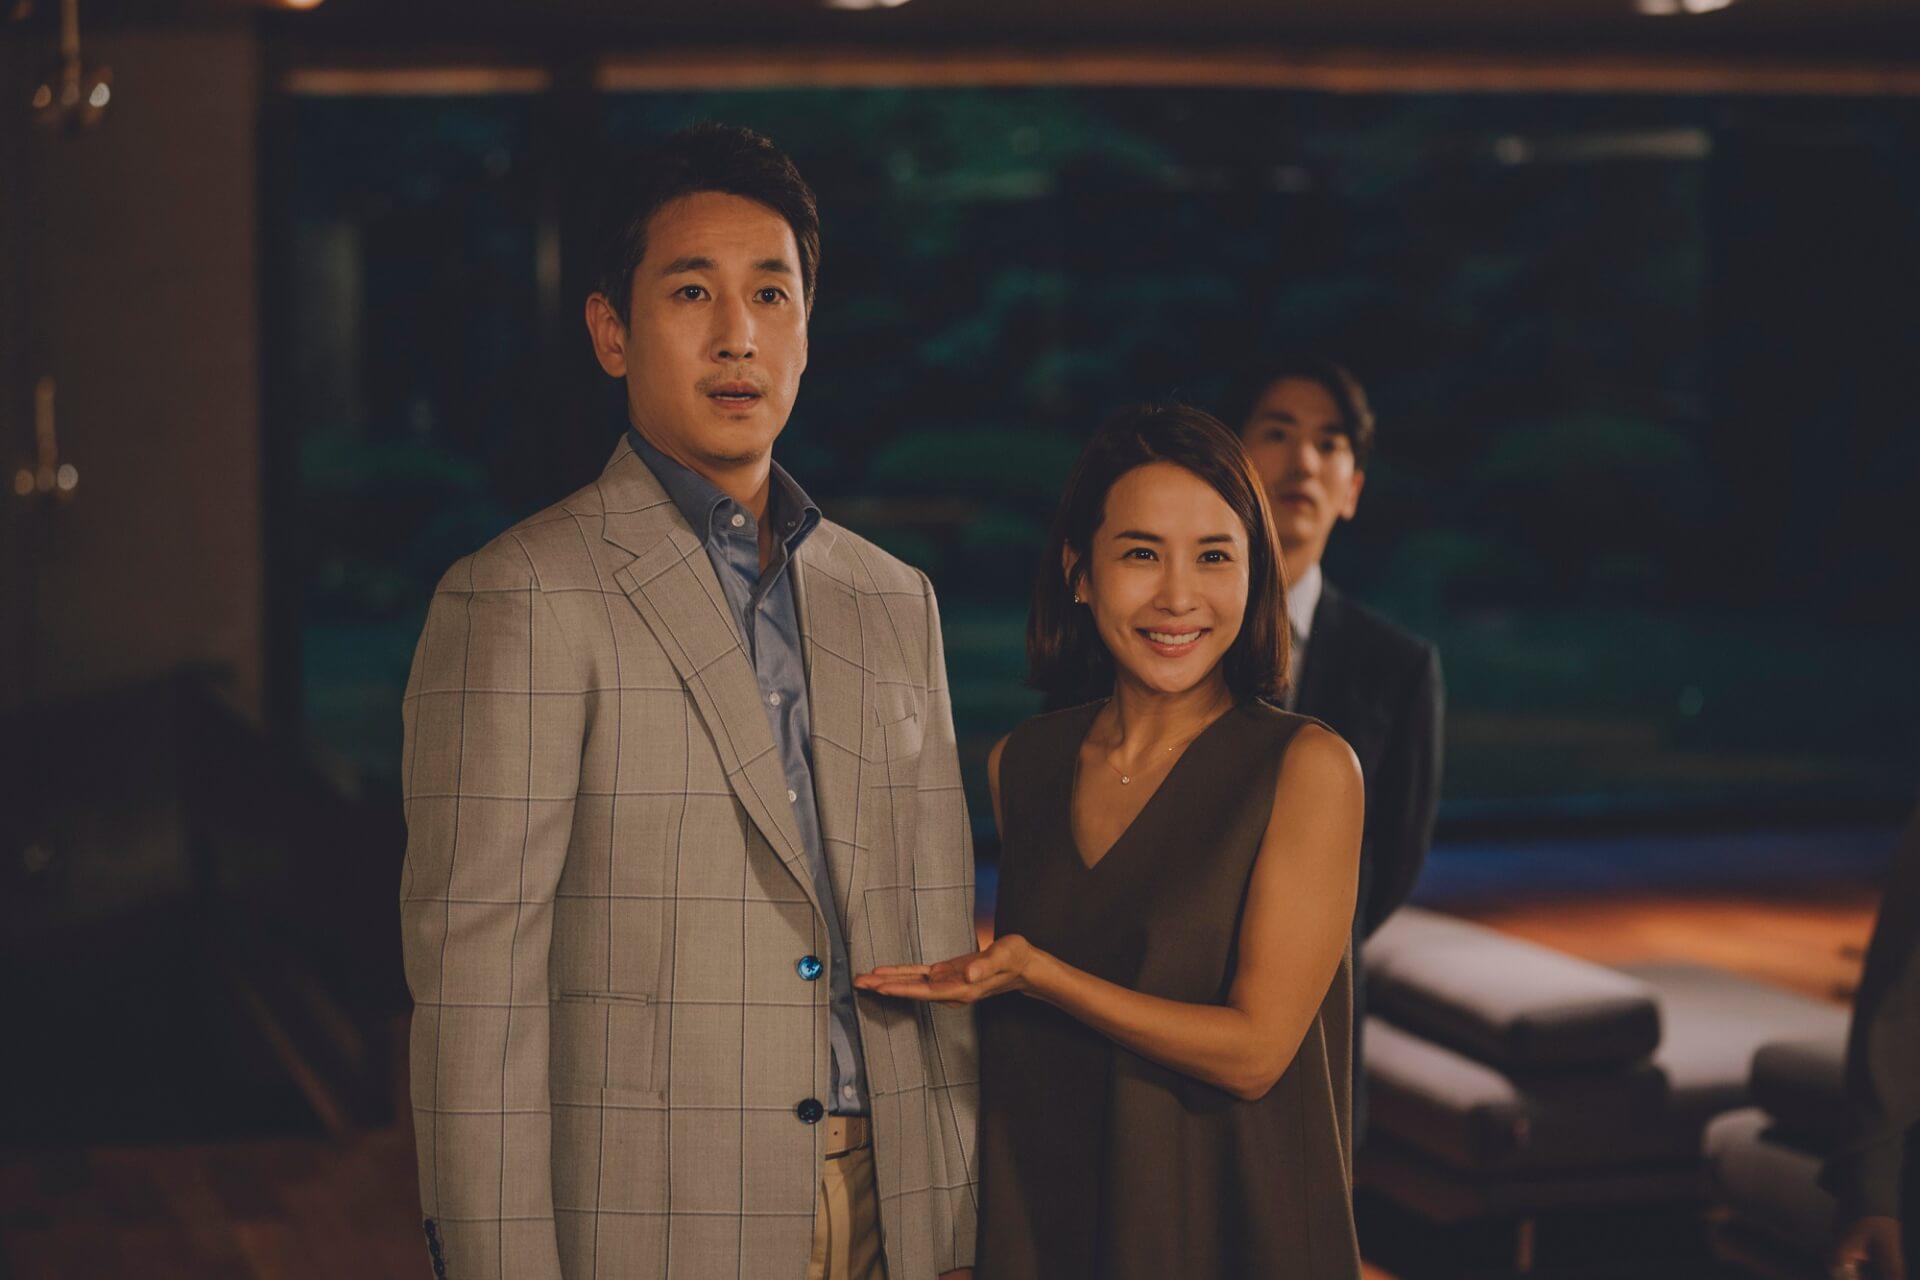 『パラサイト 半地下の家族』に日本映画界の著名人も注目!是枝裕和、西川美和、李相日らからのコメントが到着 film191025_parasite_2